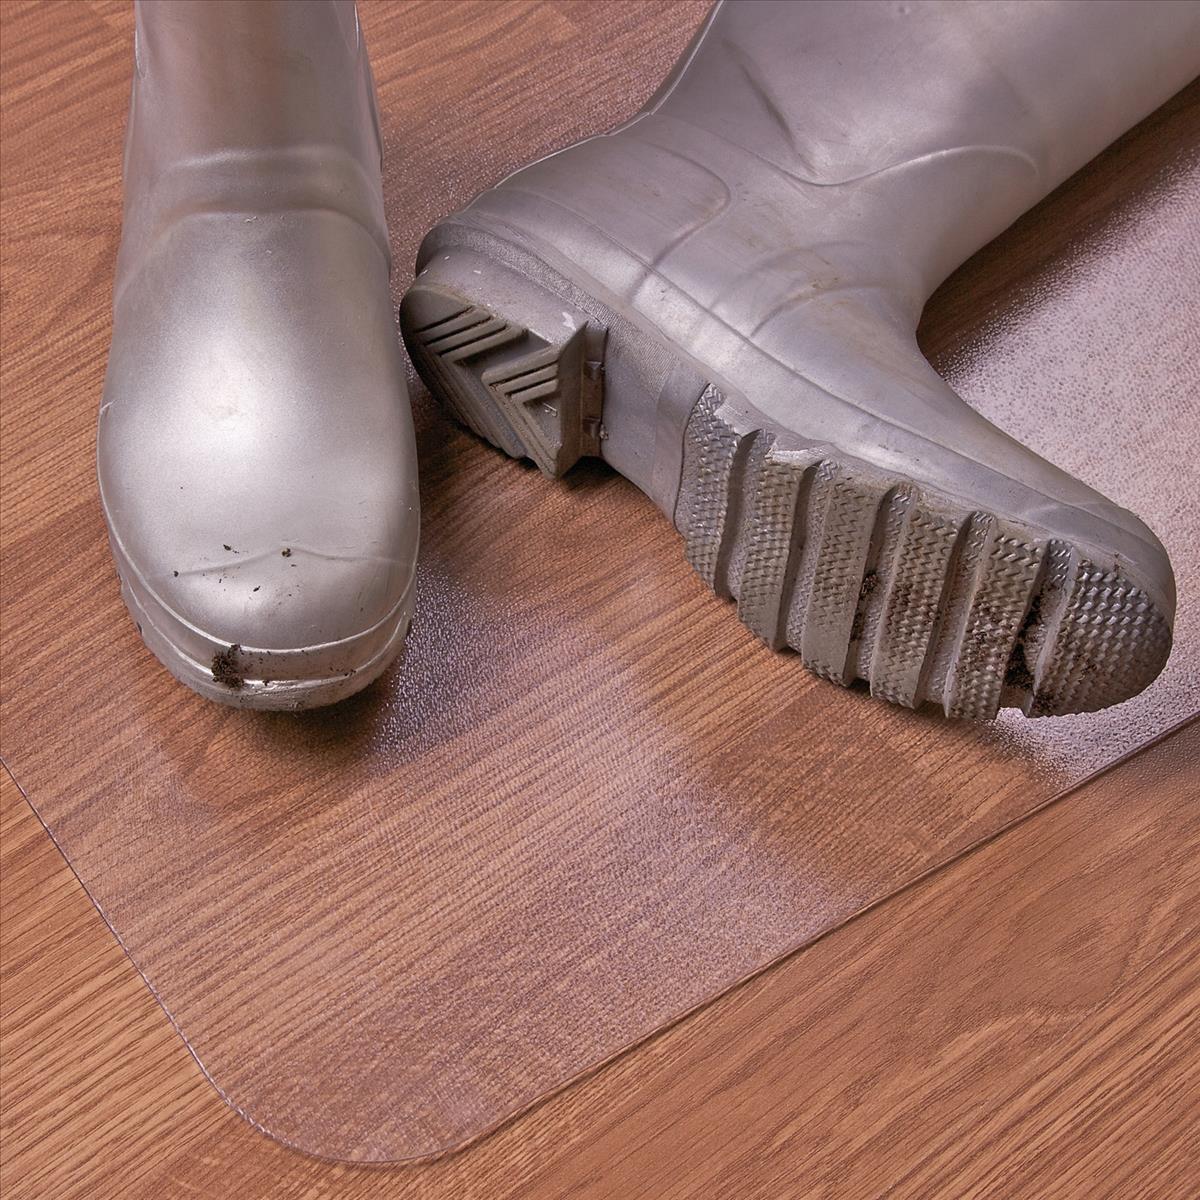 Hometex BioSafe Floor Protection Chair mat Rectangular 1200x750mm